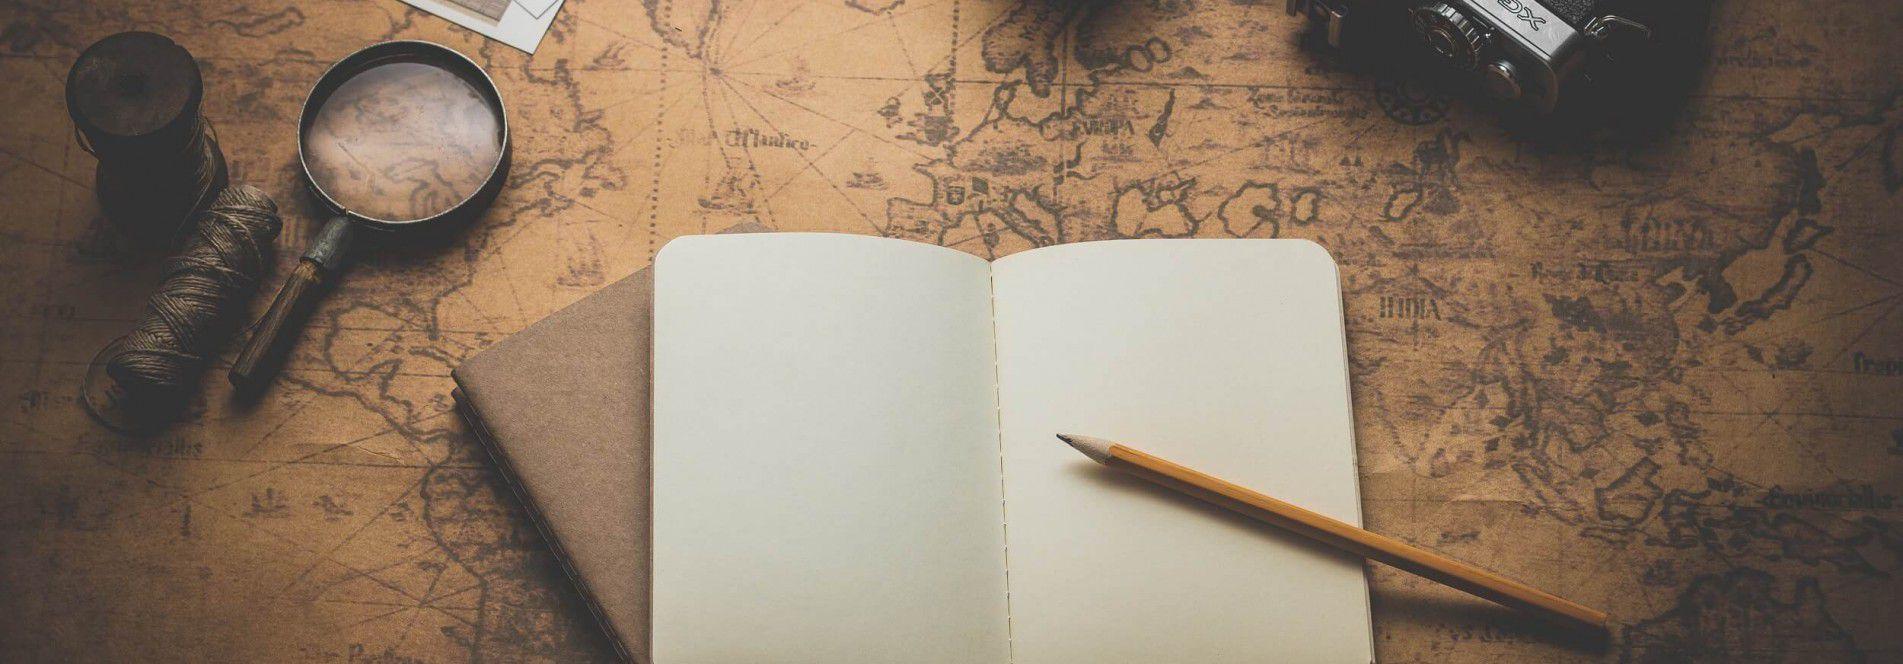 Kreiraj putovanje